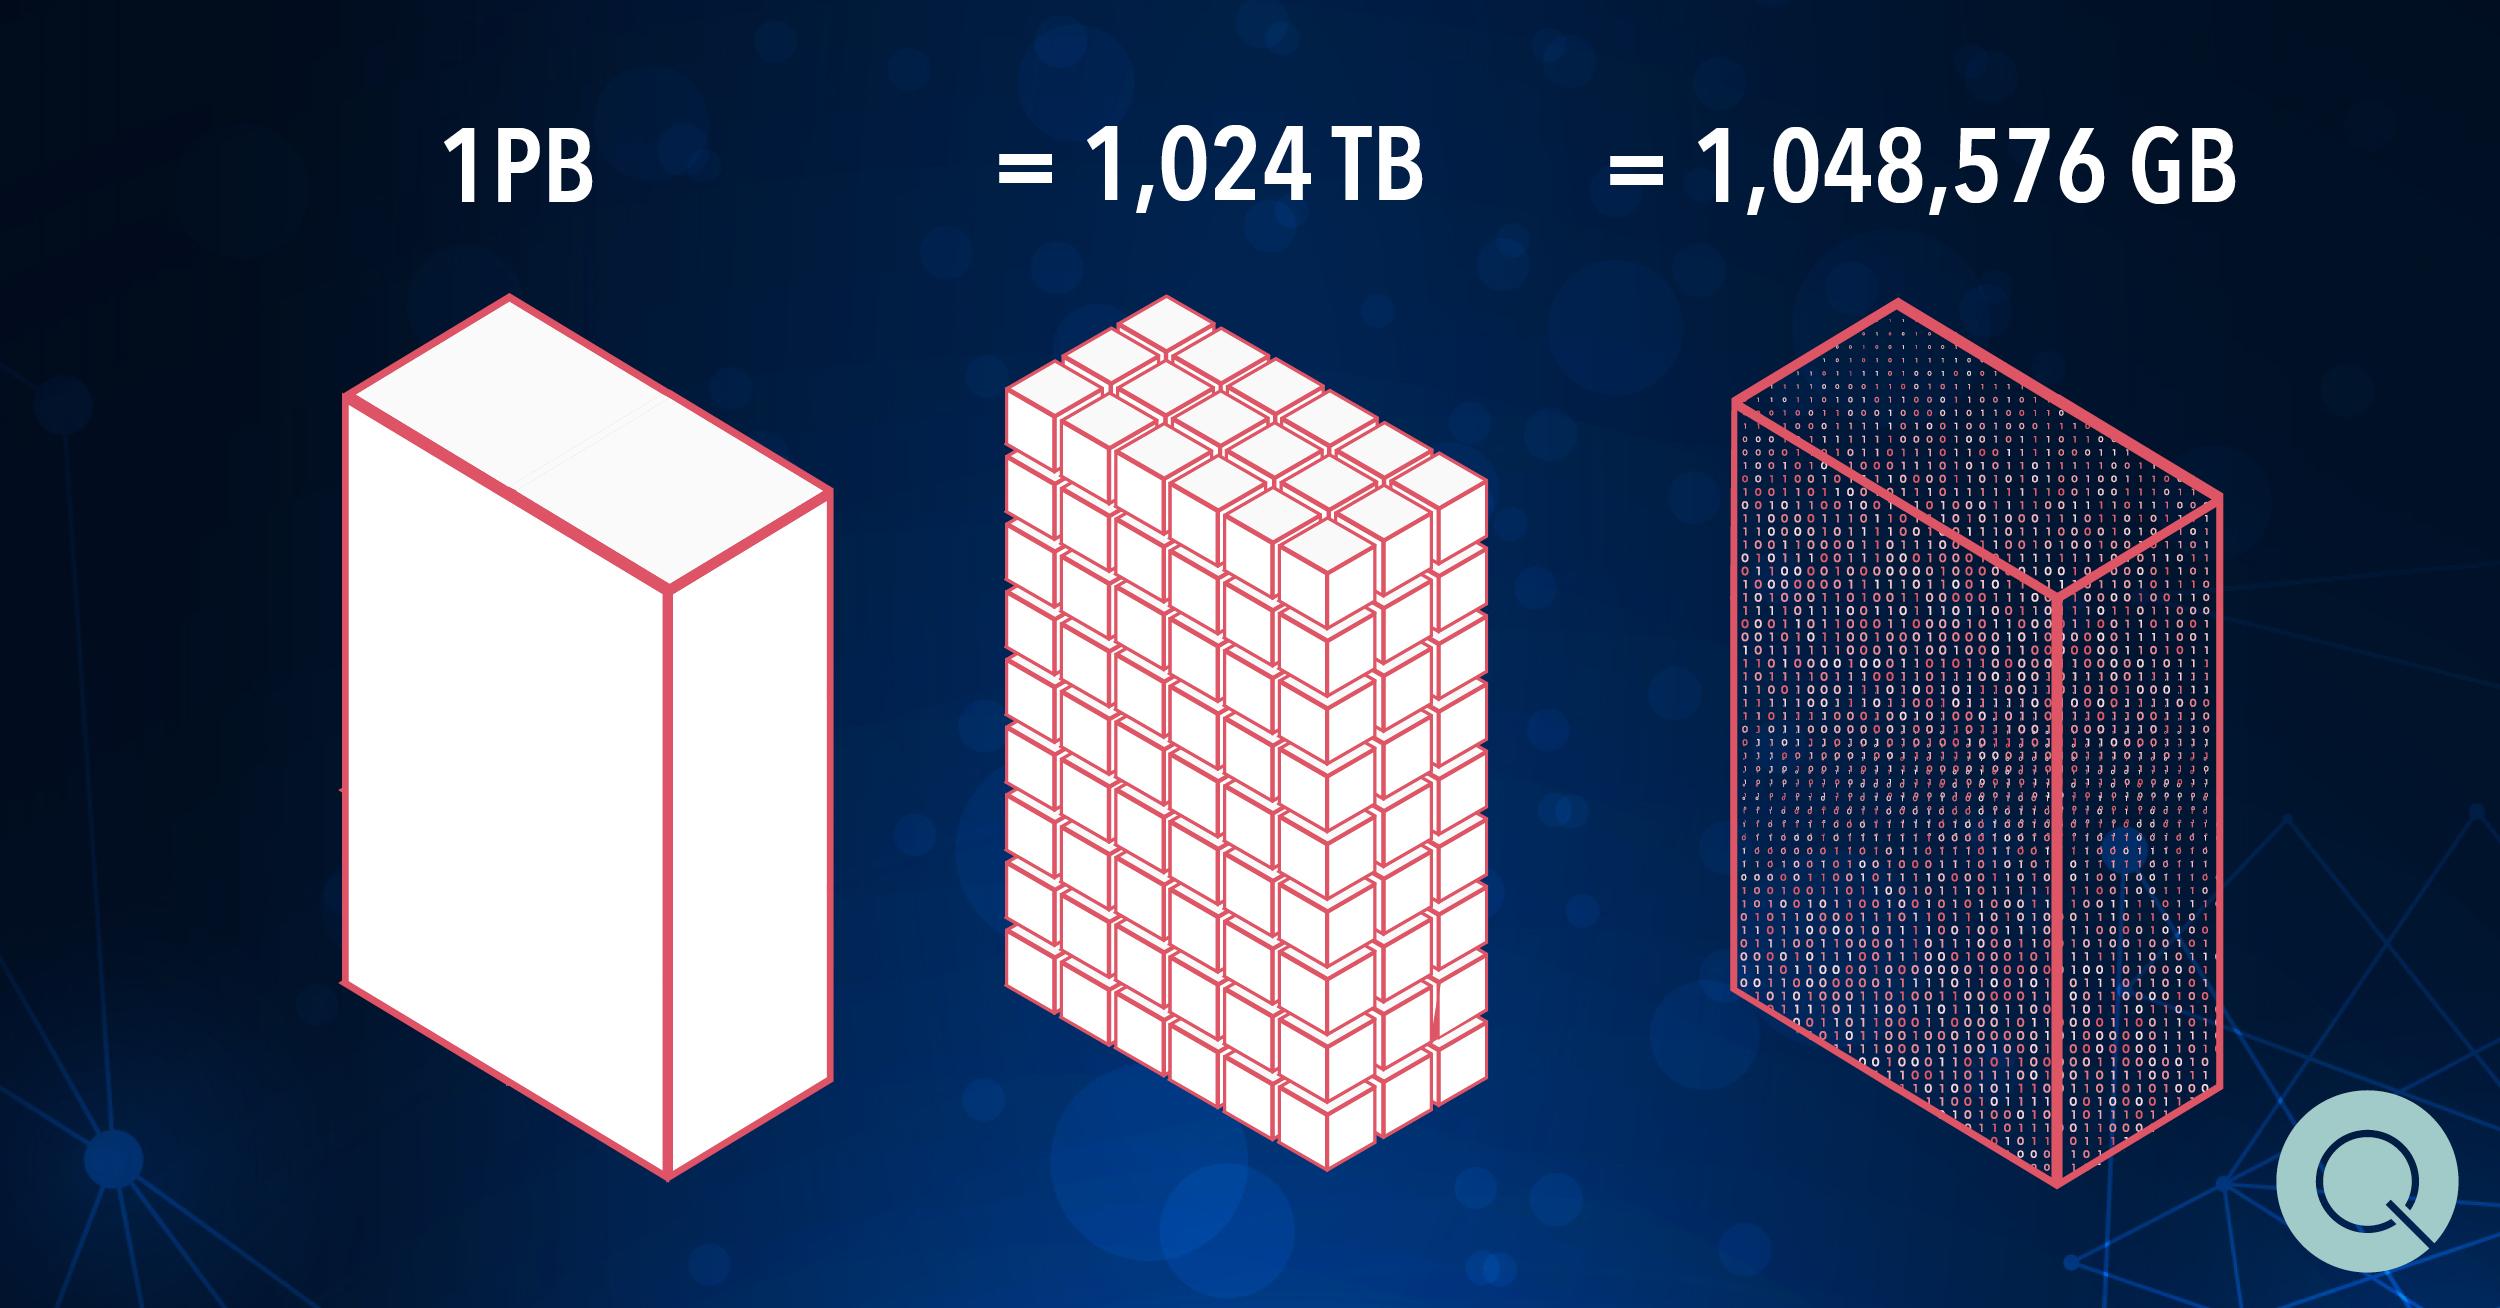 Quanton data petabite